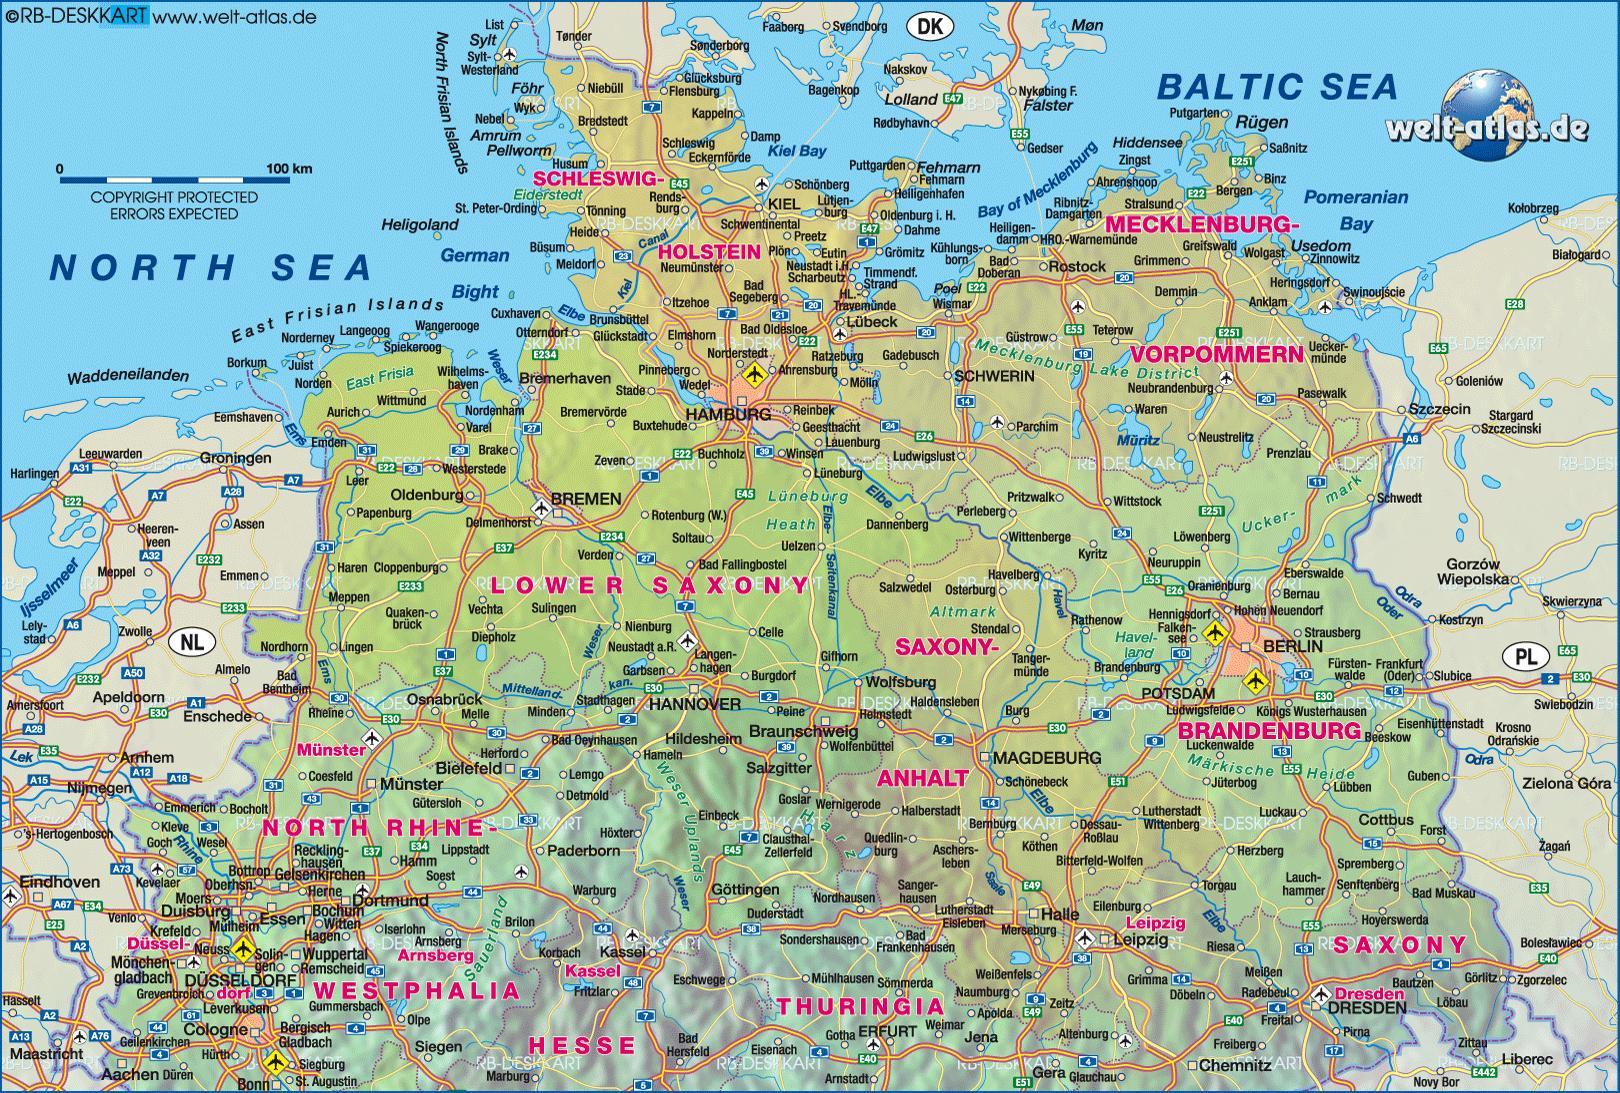 kart over middelhavslandene Nord Tyskland kart   Kart over nord Tyskland (Vest Europa   Europa) kart over middelhavslandene